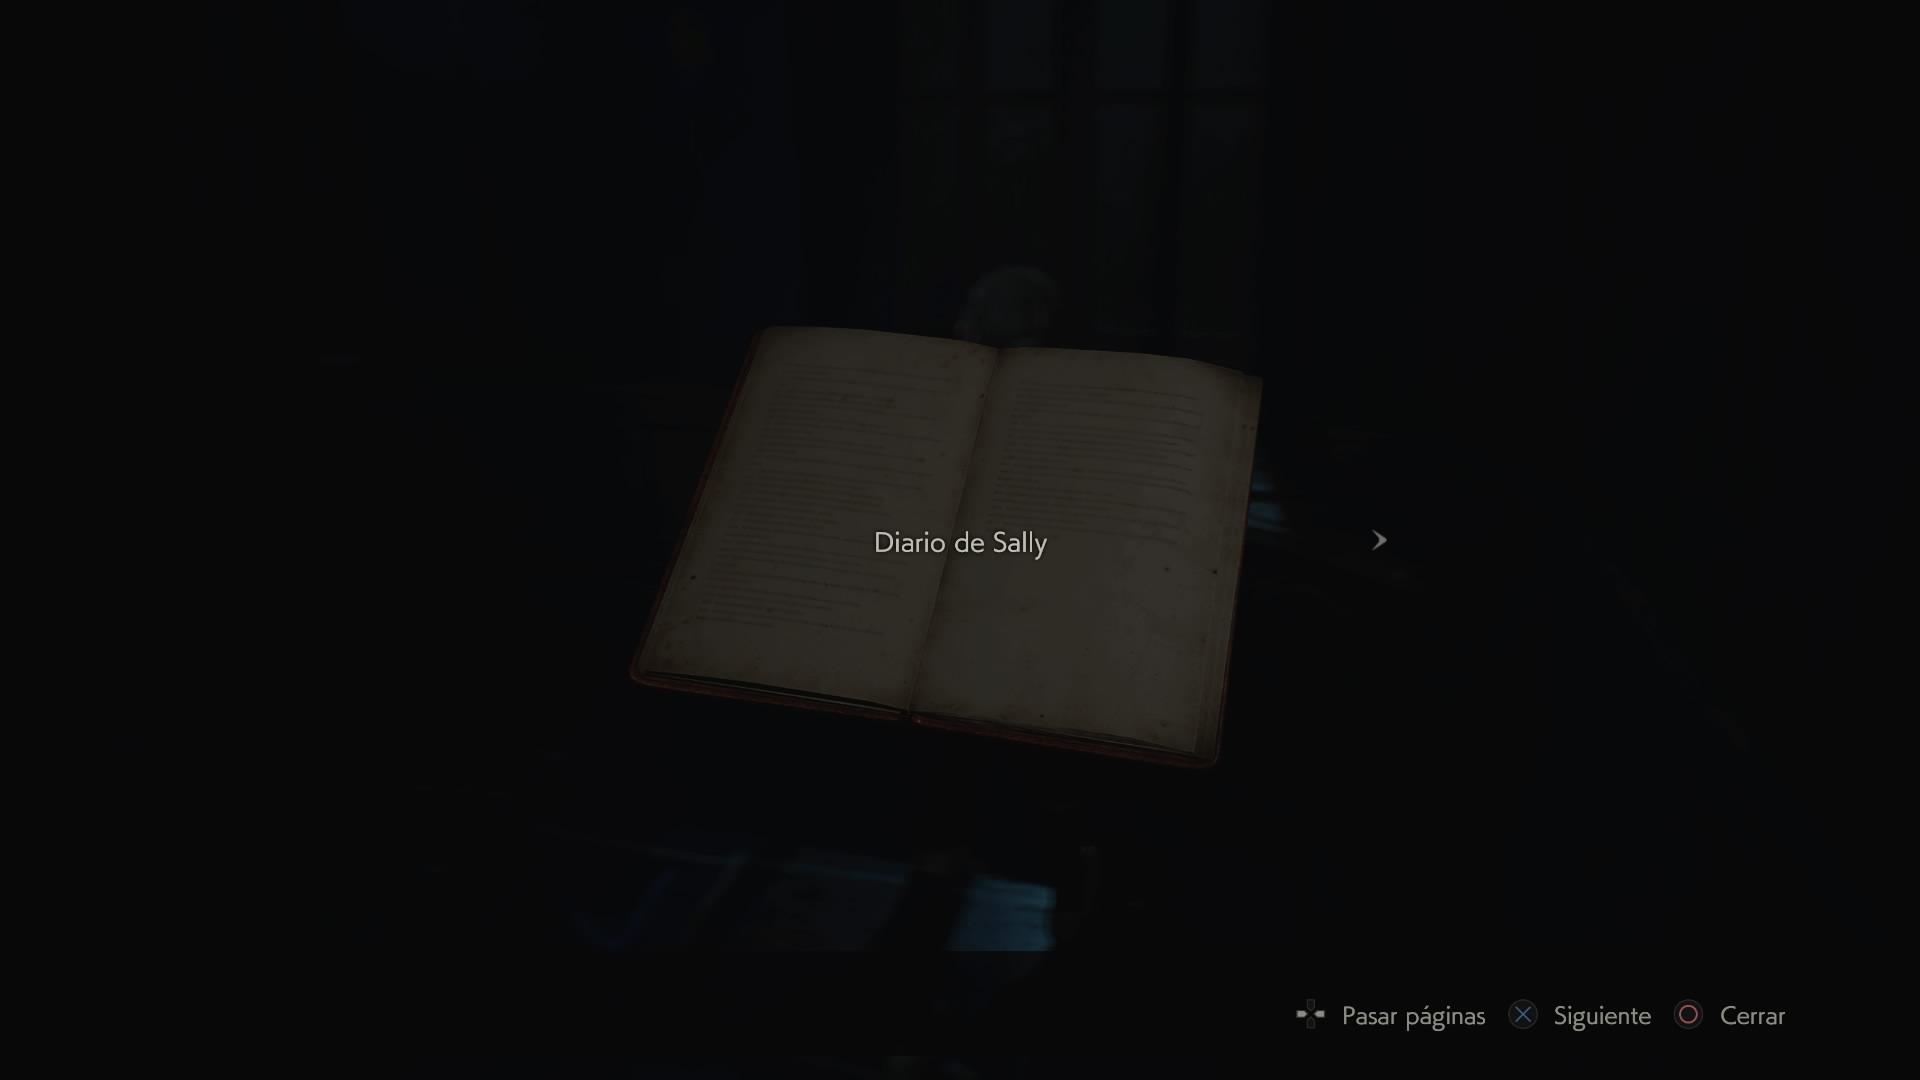 Diario de Sally